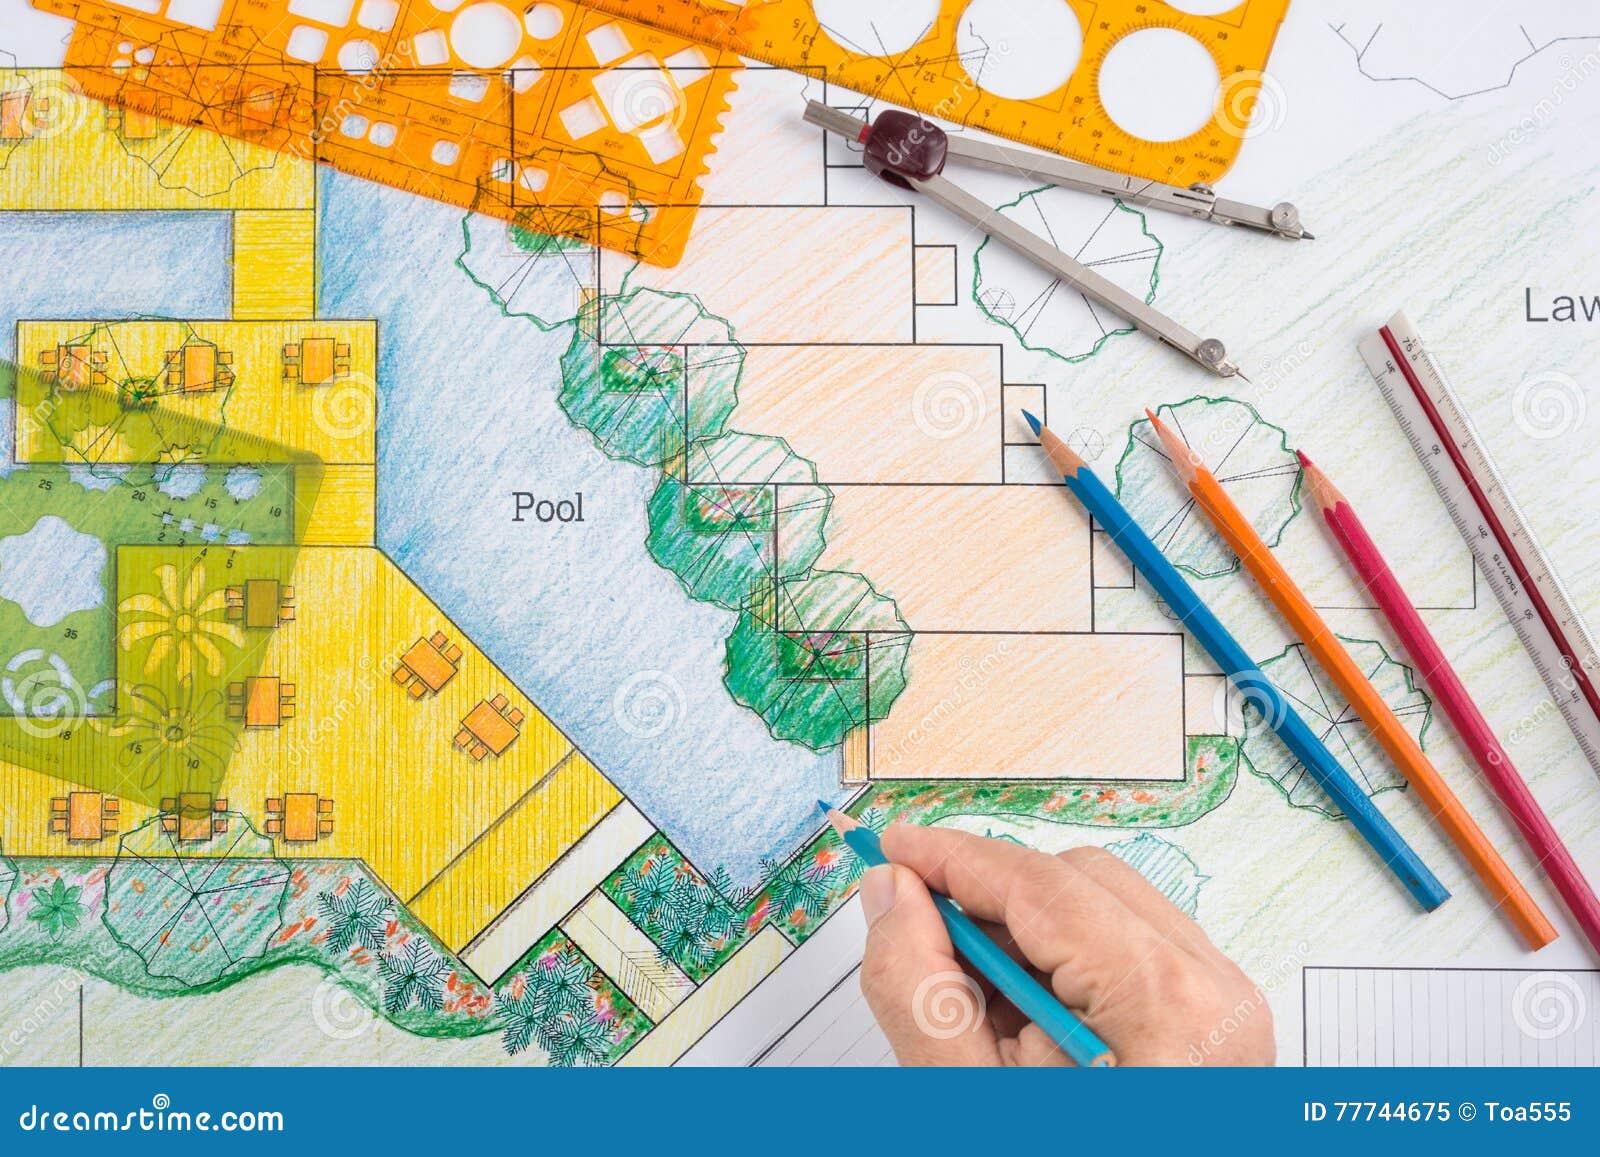 plan de station de vacances d 39 h tel de design d 39 architecte paysagiste image stock image du. Black Bedroom Furniture Sets. Home Design Ideas